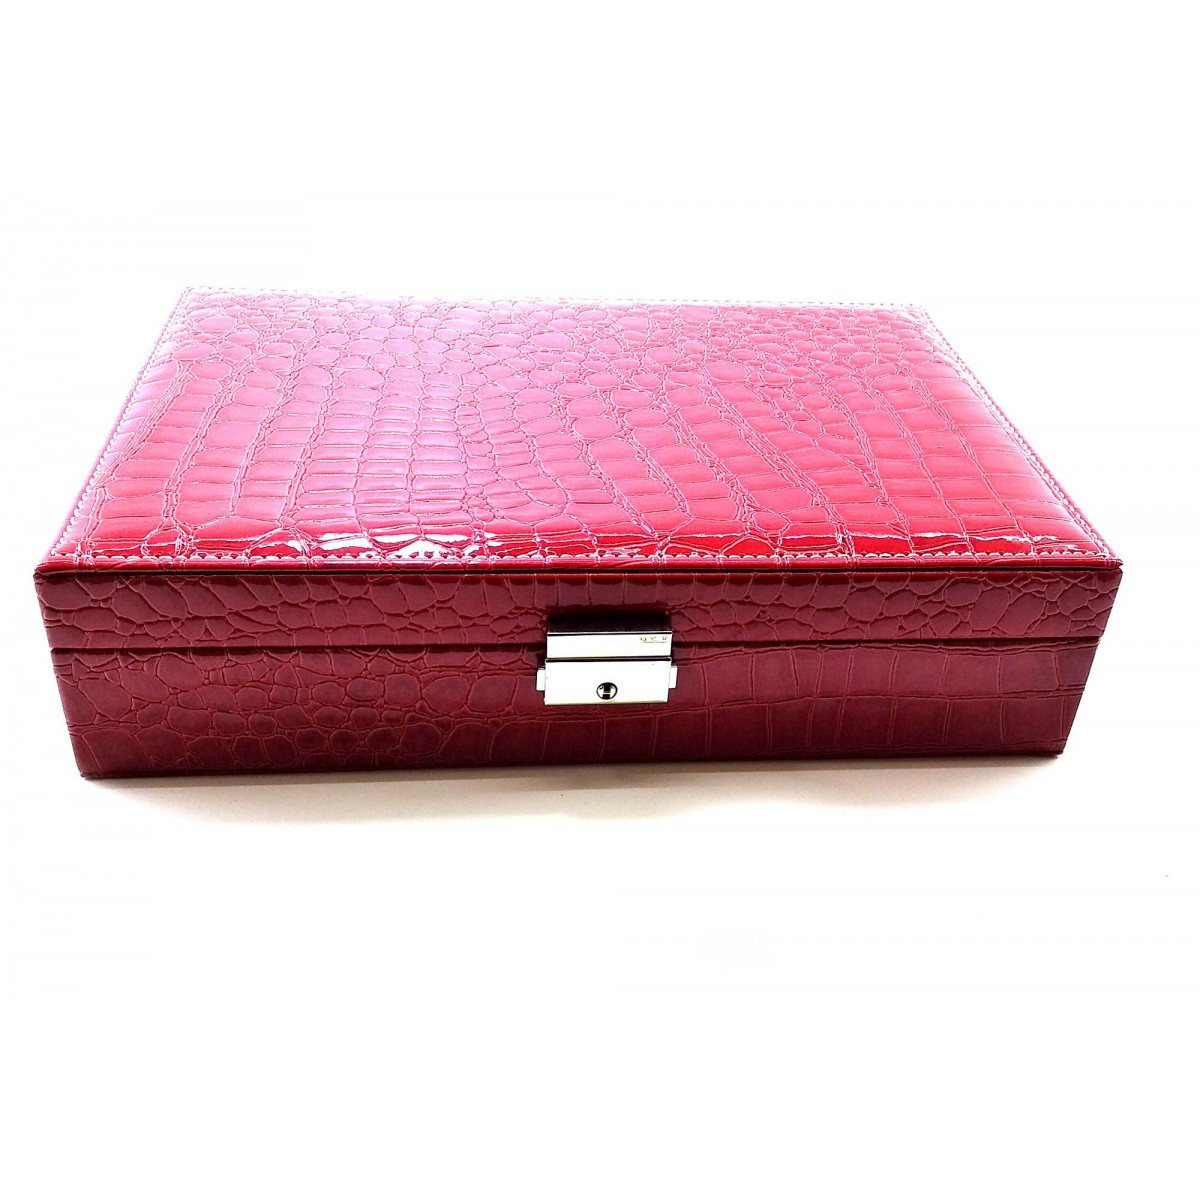 Шкатулка для бижутерии бордовая кожзам